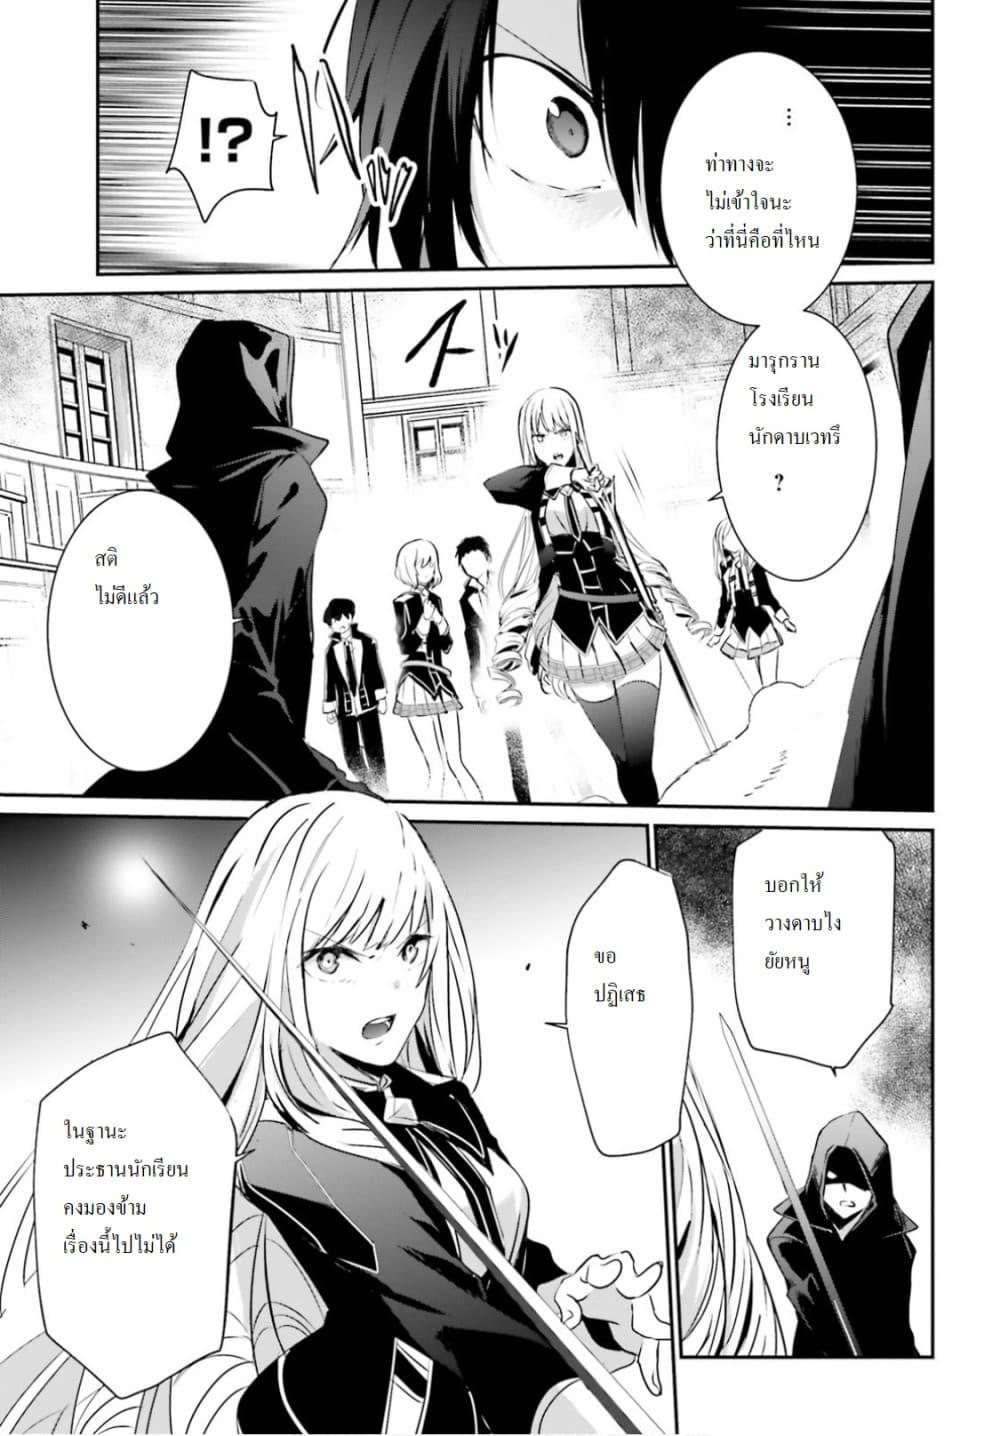 อ่านการ์ตูน Kage no Jitsuryokusha ni Naritakute! ตอนที่ 10.1 หน้าที่ 3